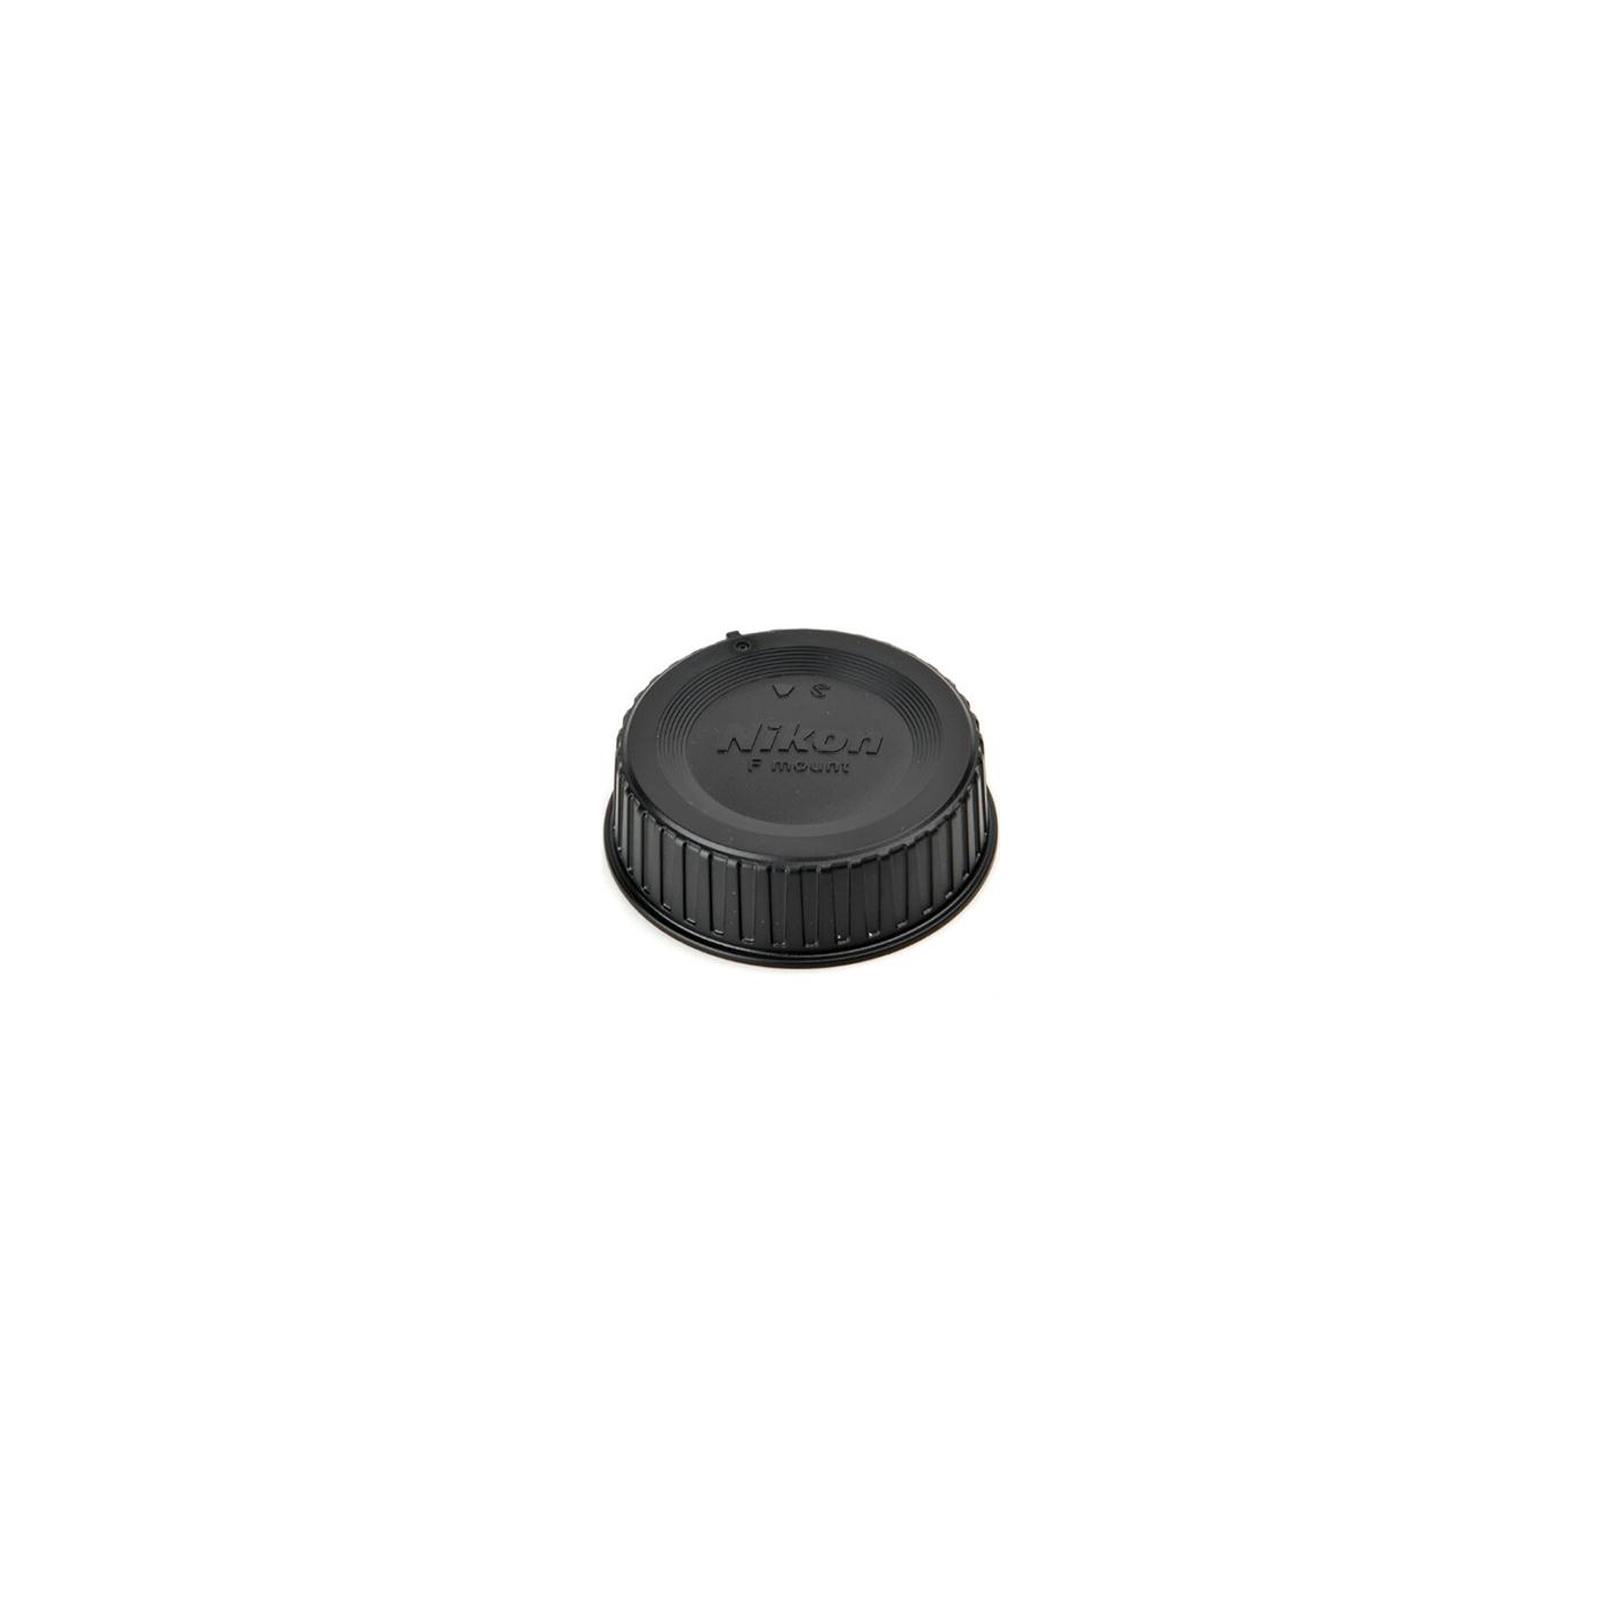 Крышка объектива Nikon LF-4 (JAD50301)